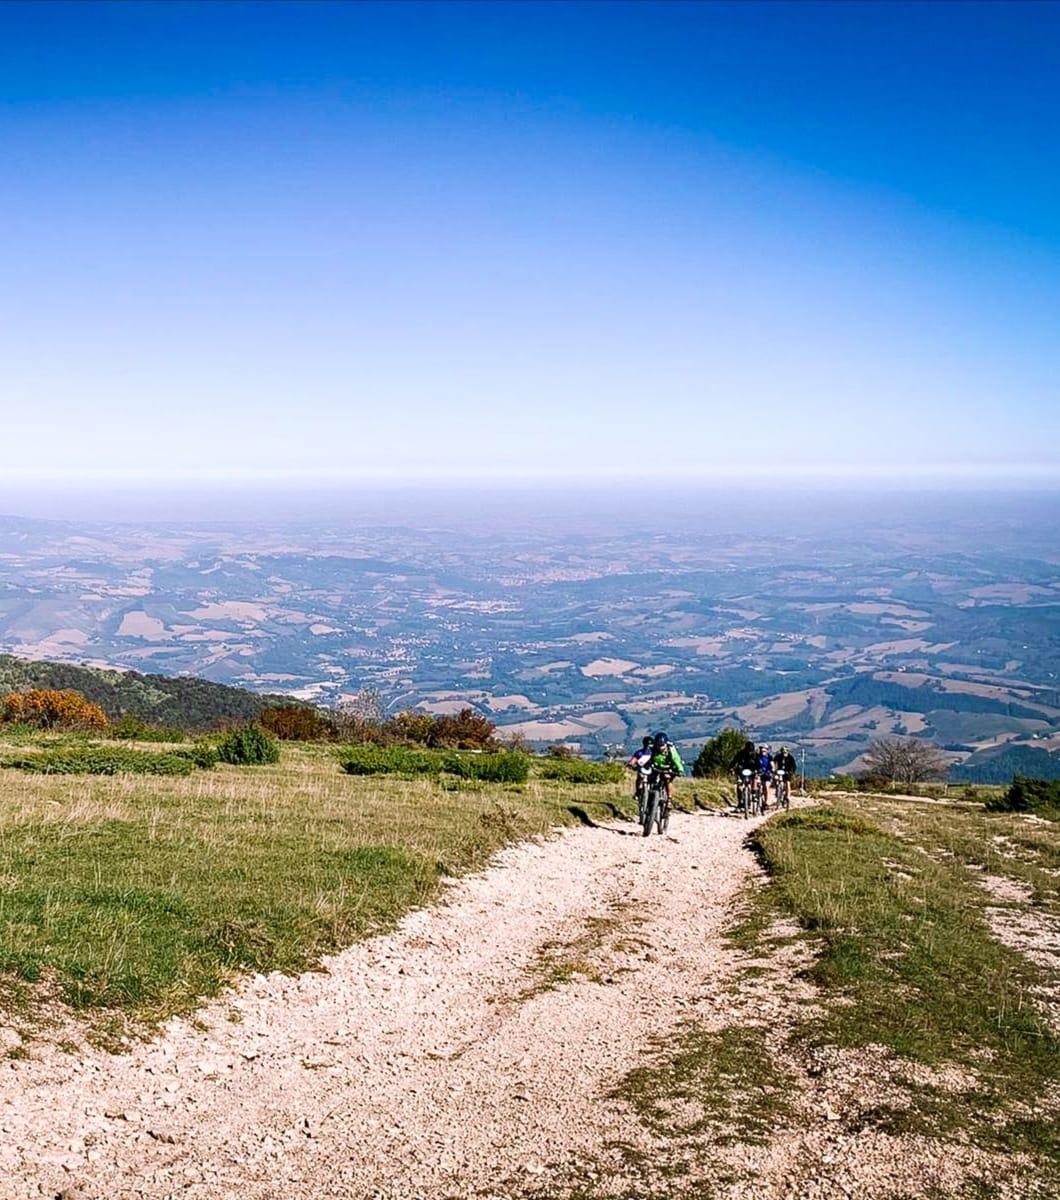 Il fascino dei Monti Sibillini in bici con escursione in notturna